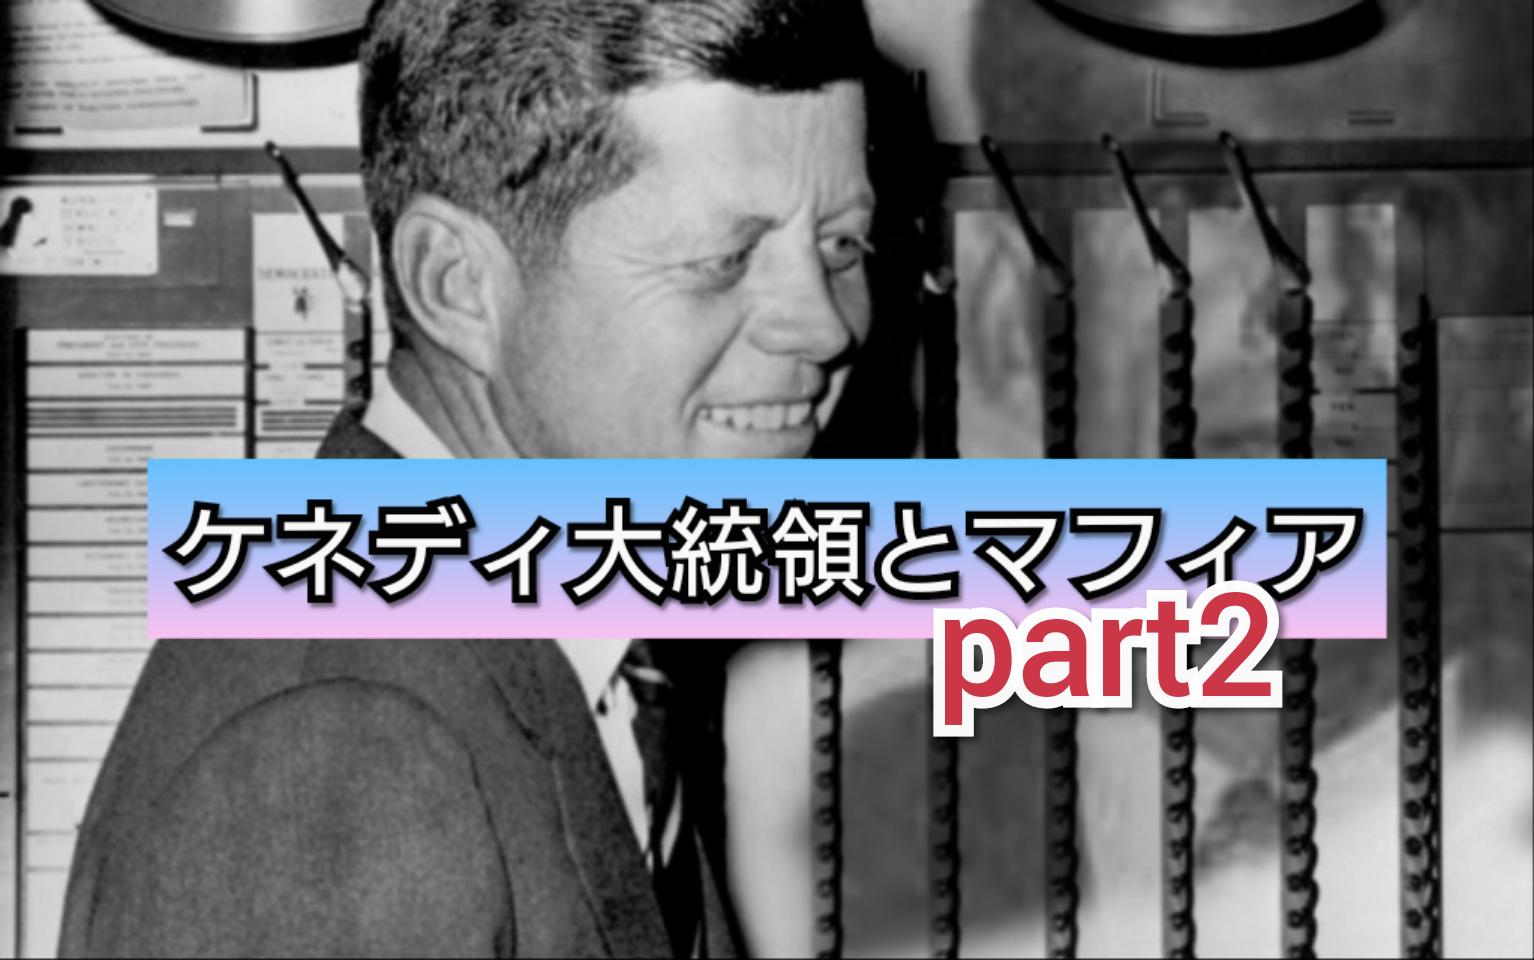 ケネディ大統領とマフィア part2